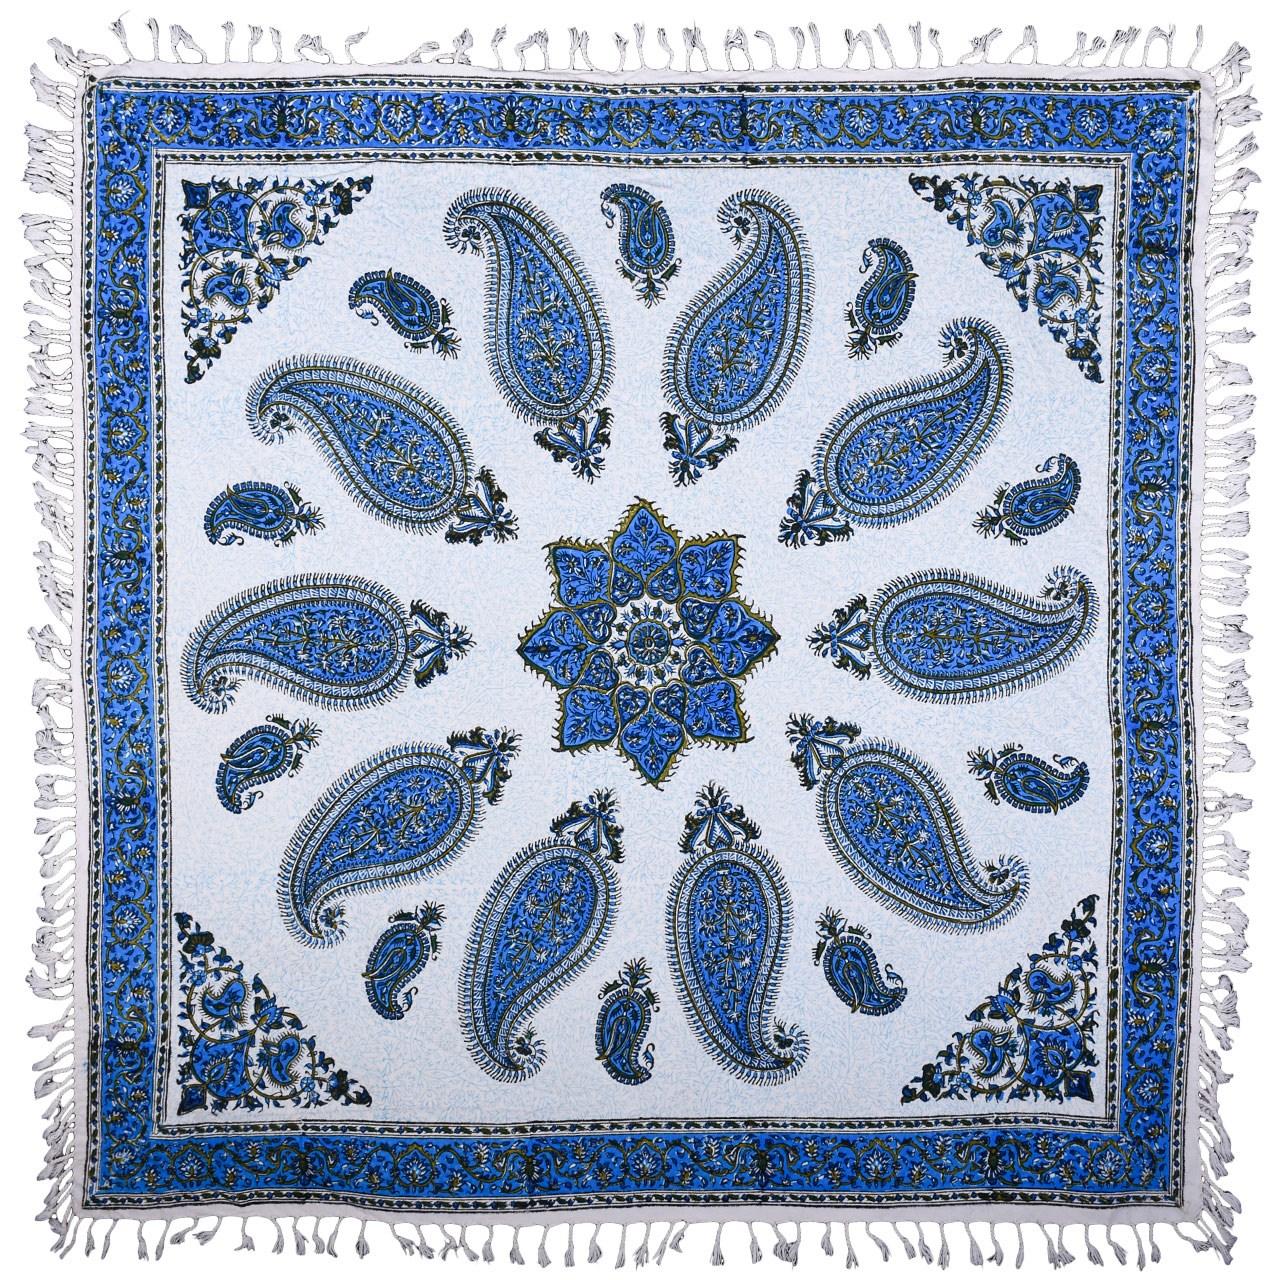 سفره قلمکار نرگس خانی درجه یک طرح خورشید آبی مدل 00-15 سایز100 × 100